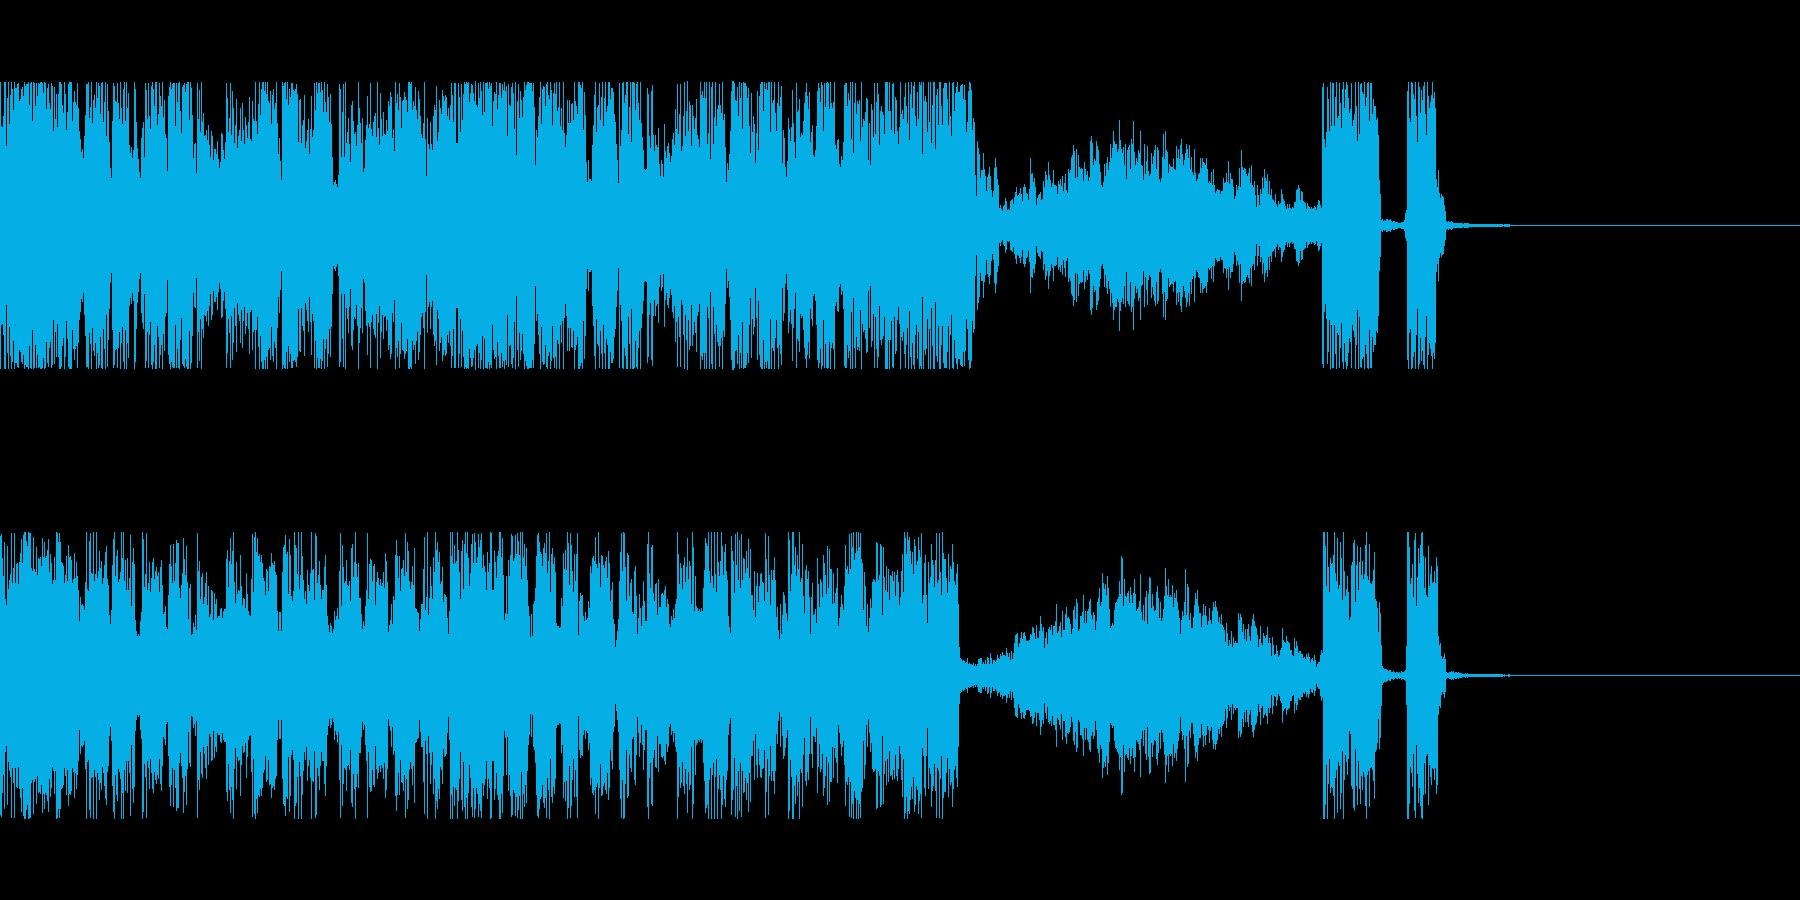 ヘヴィロックなジングルの再生済みの波形